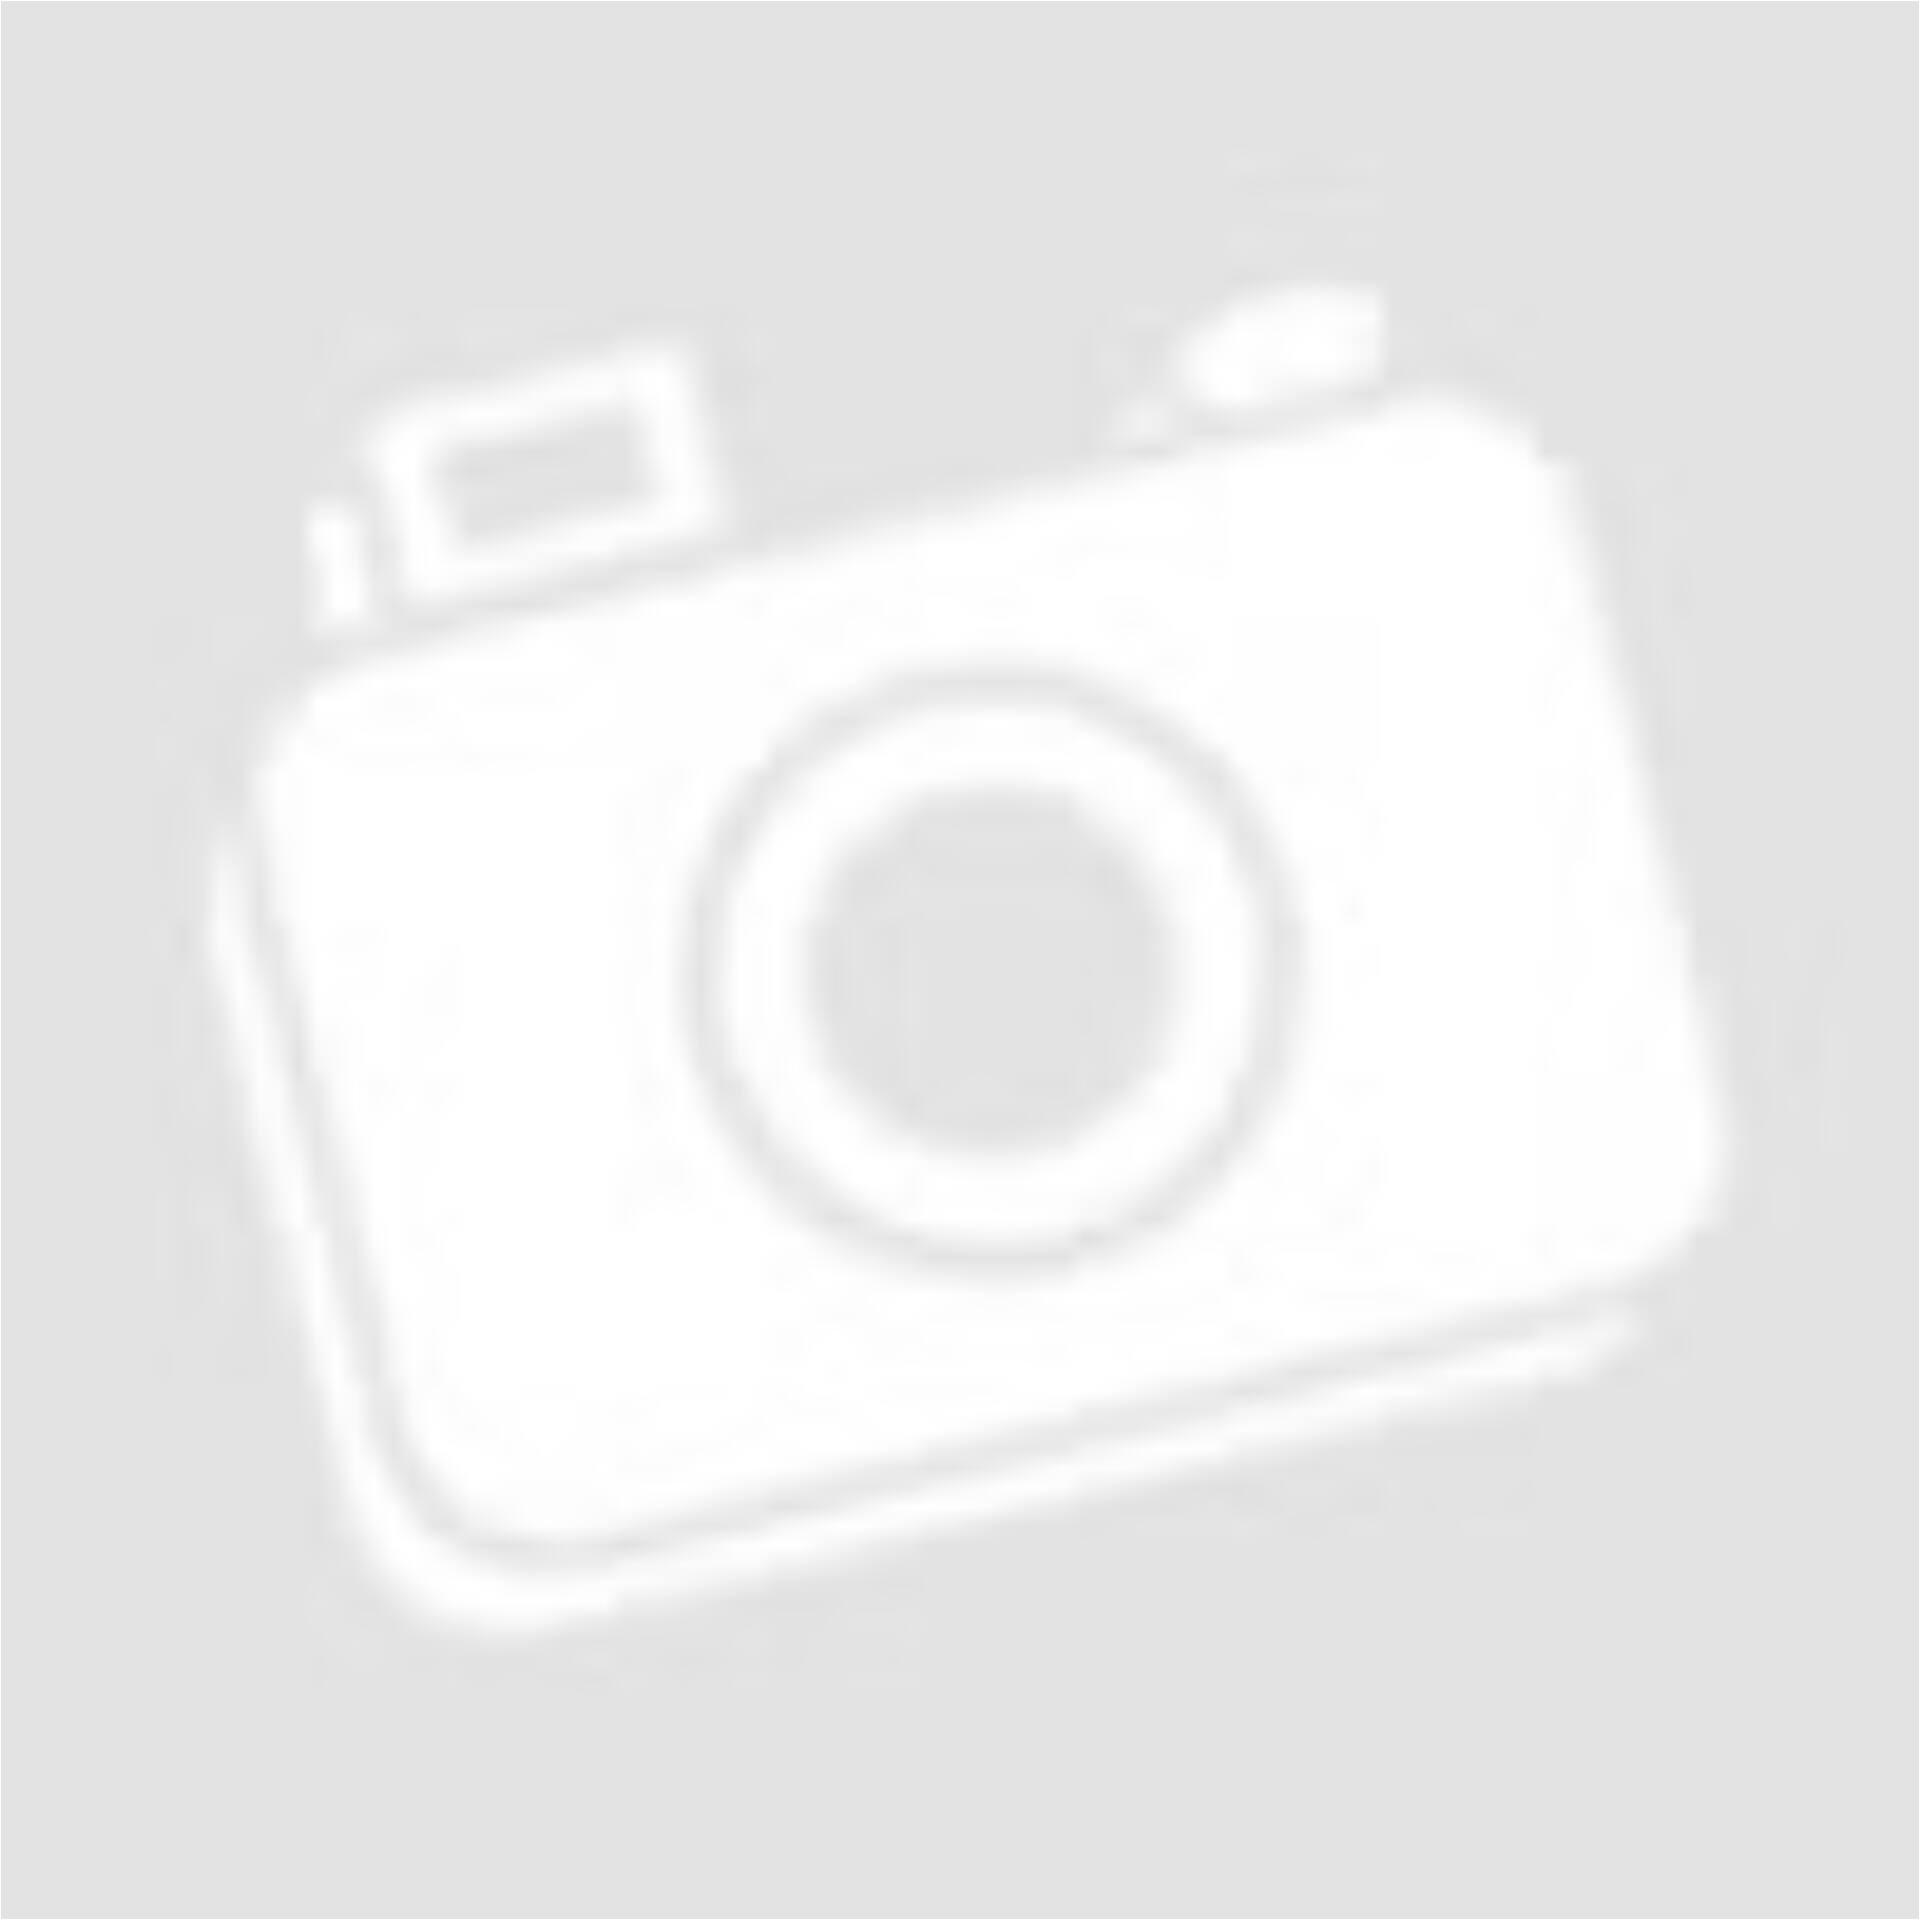 5d732b74c0 APHORISM szürke színű szőrme dzseki (Méret: M) - Női dzseki, kabát ...